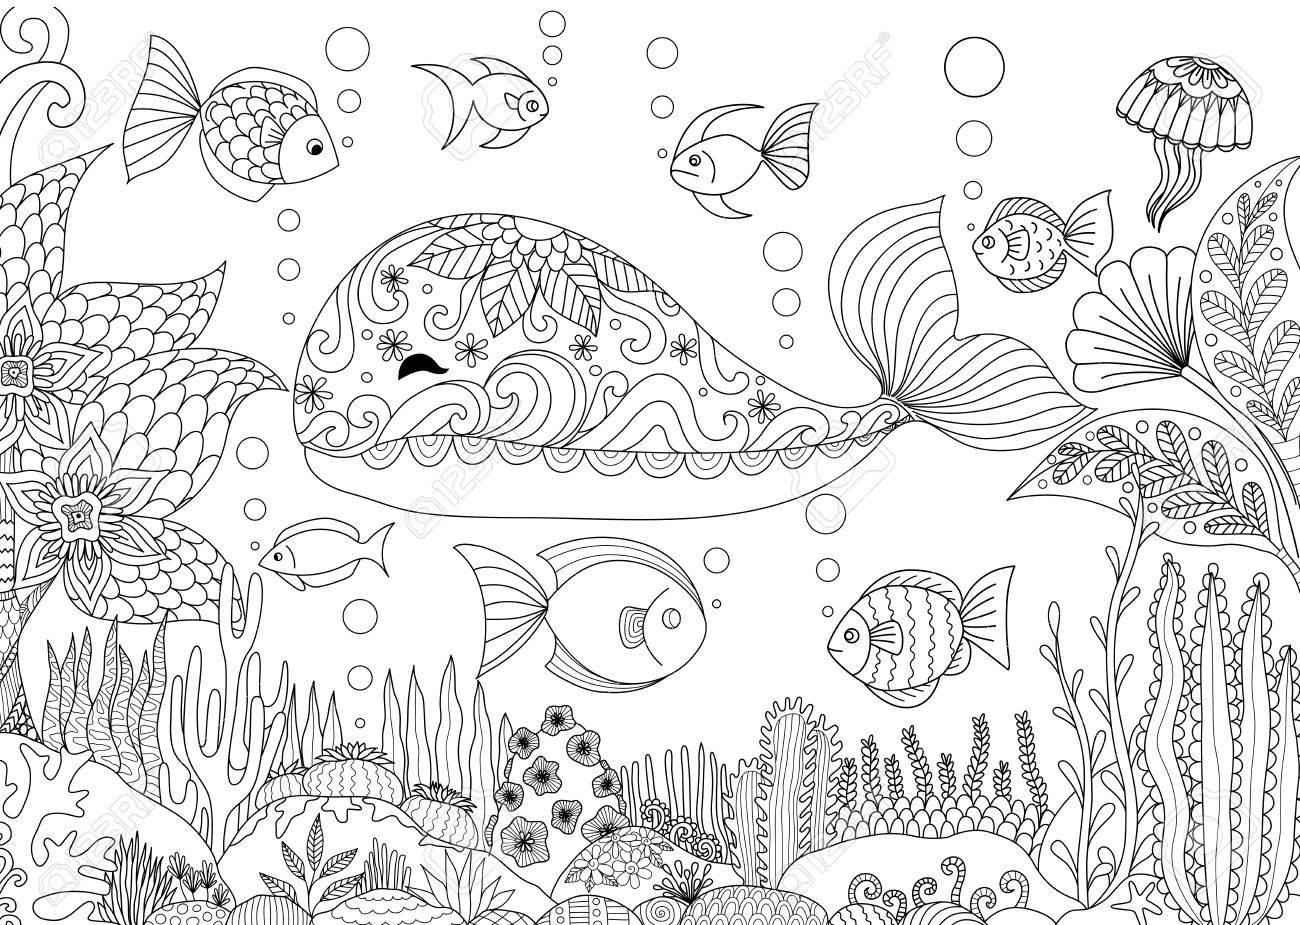 Doodles Diseño De Una Pequeña Ballena Bajo El Mar Con Hermosos ...